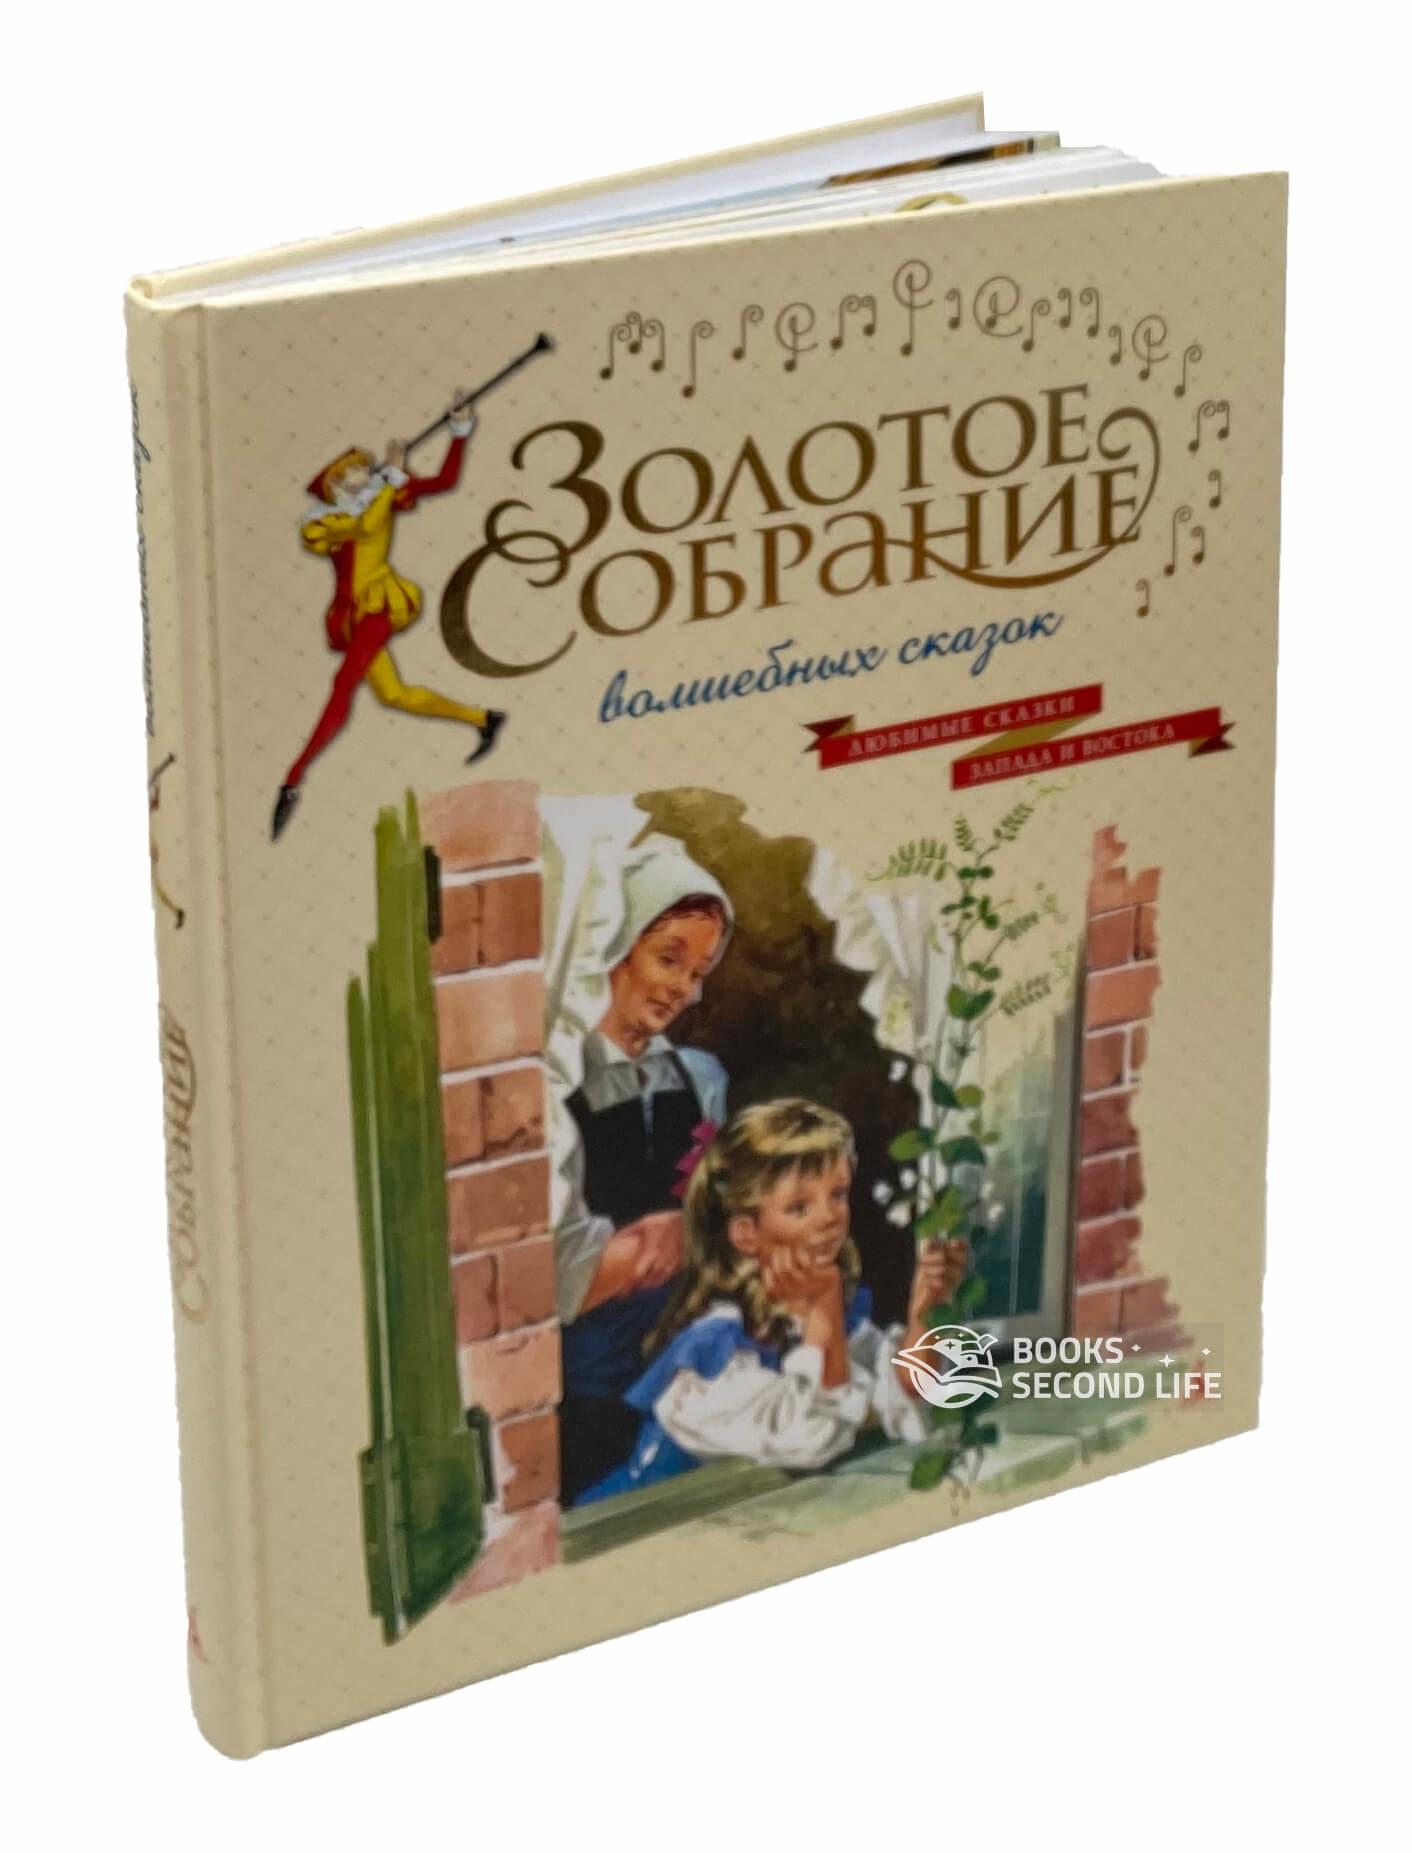 Золотое собрание волшебных сказок. Автор — Ханс Кристиан Андерсен, Якоб Гримм, Вильгельм Гримм. Переплет —